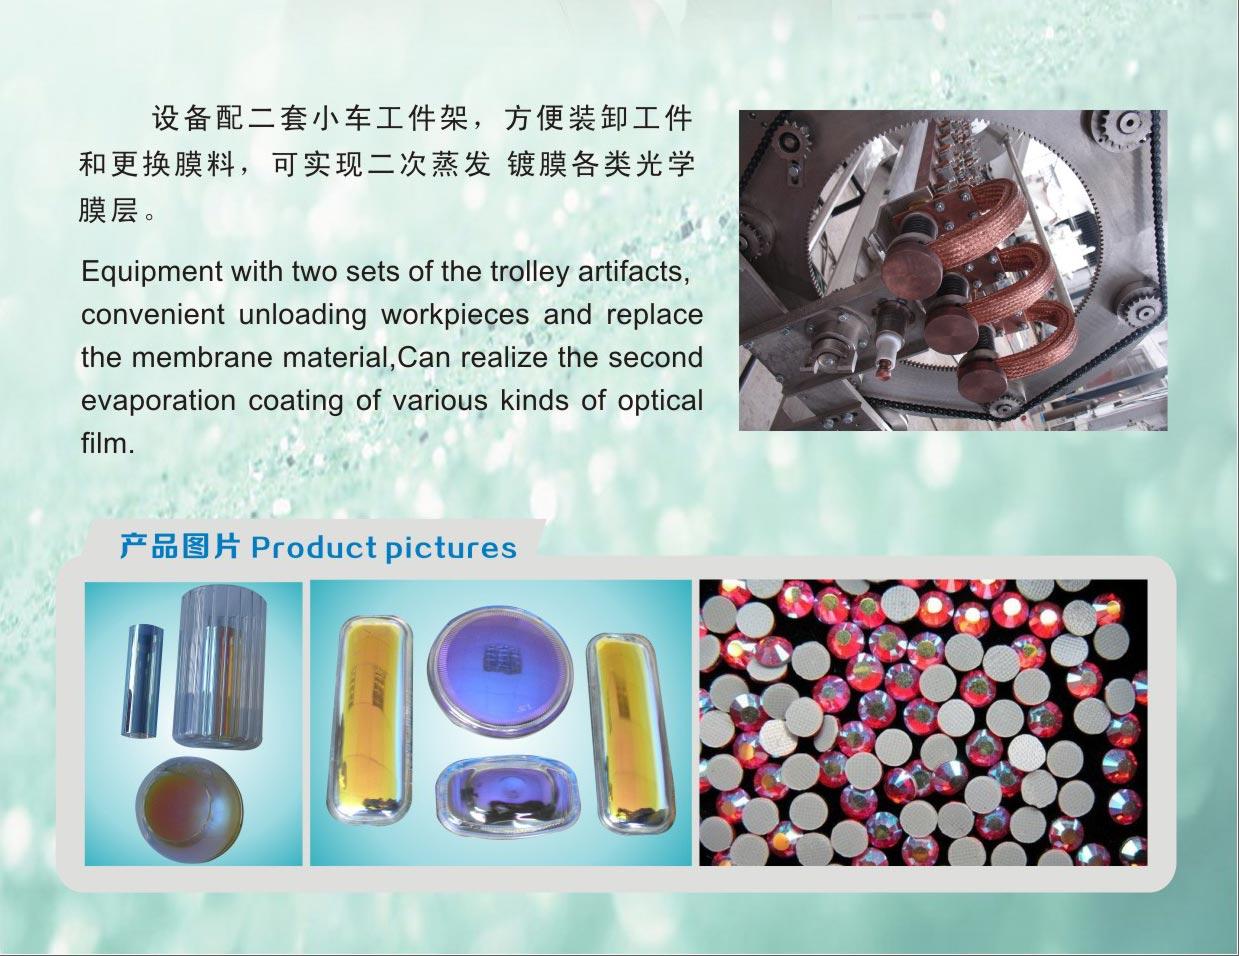 蒸发镀膜机厂家定制 好的卧式蒸发镀膜设备批售